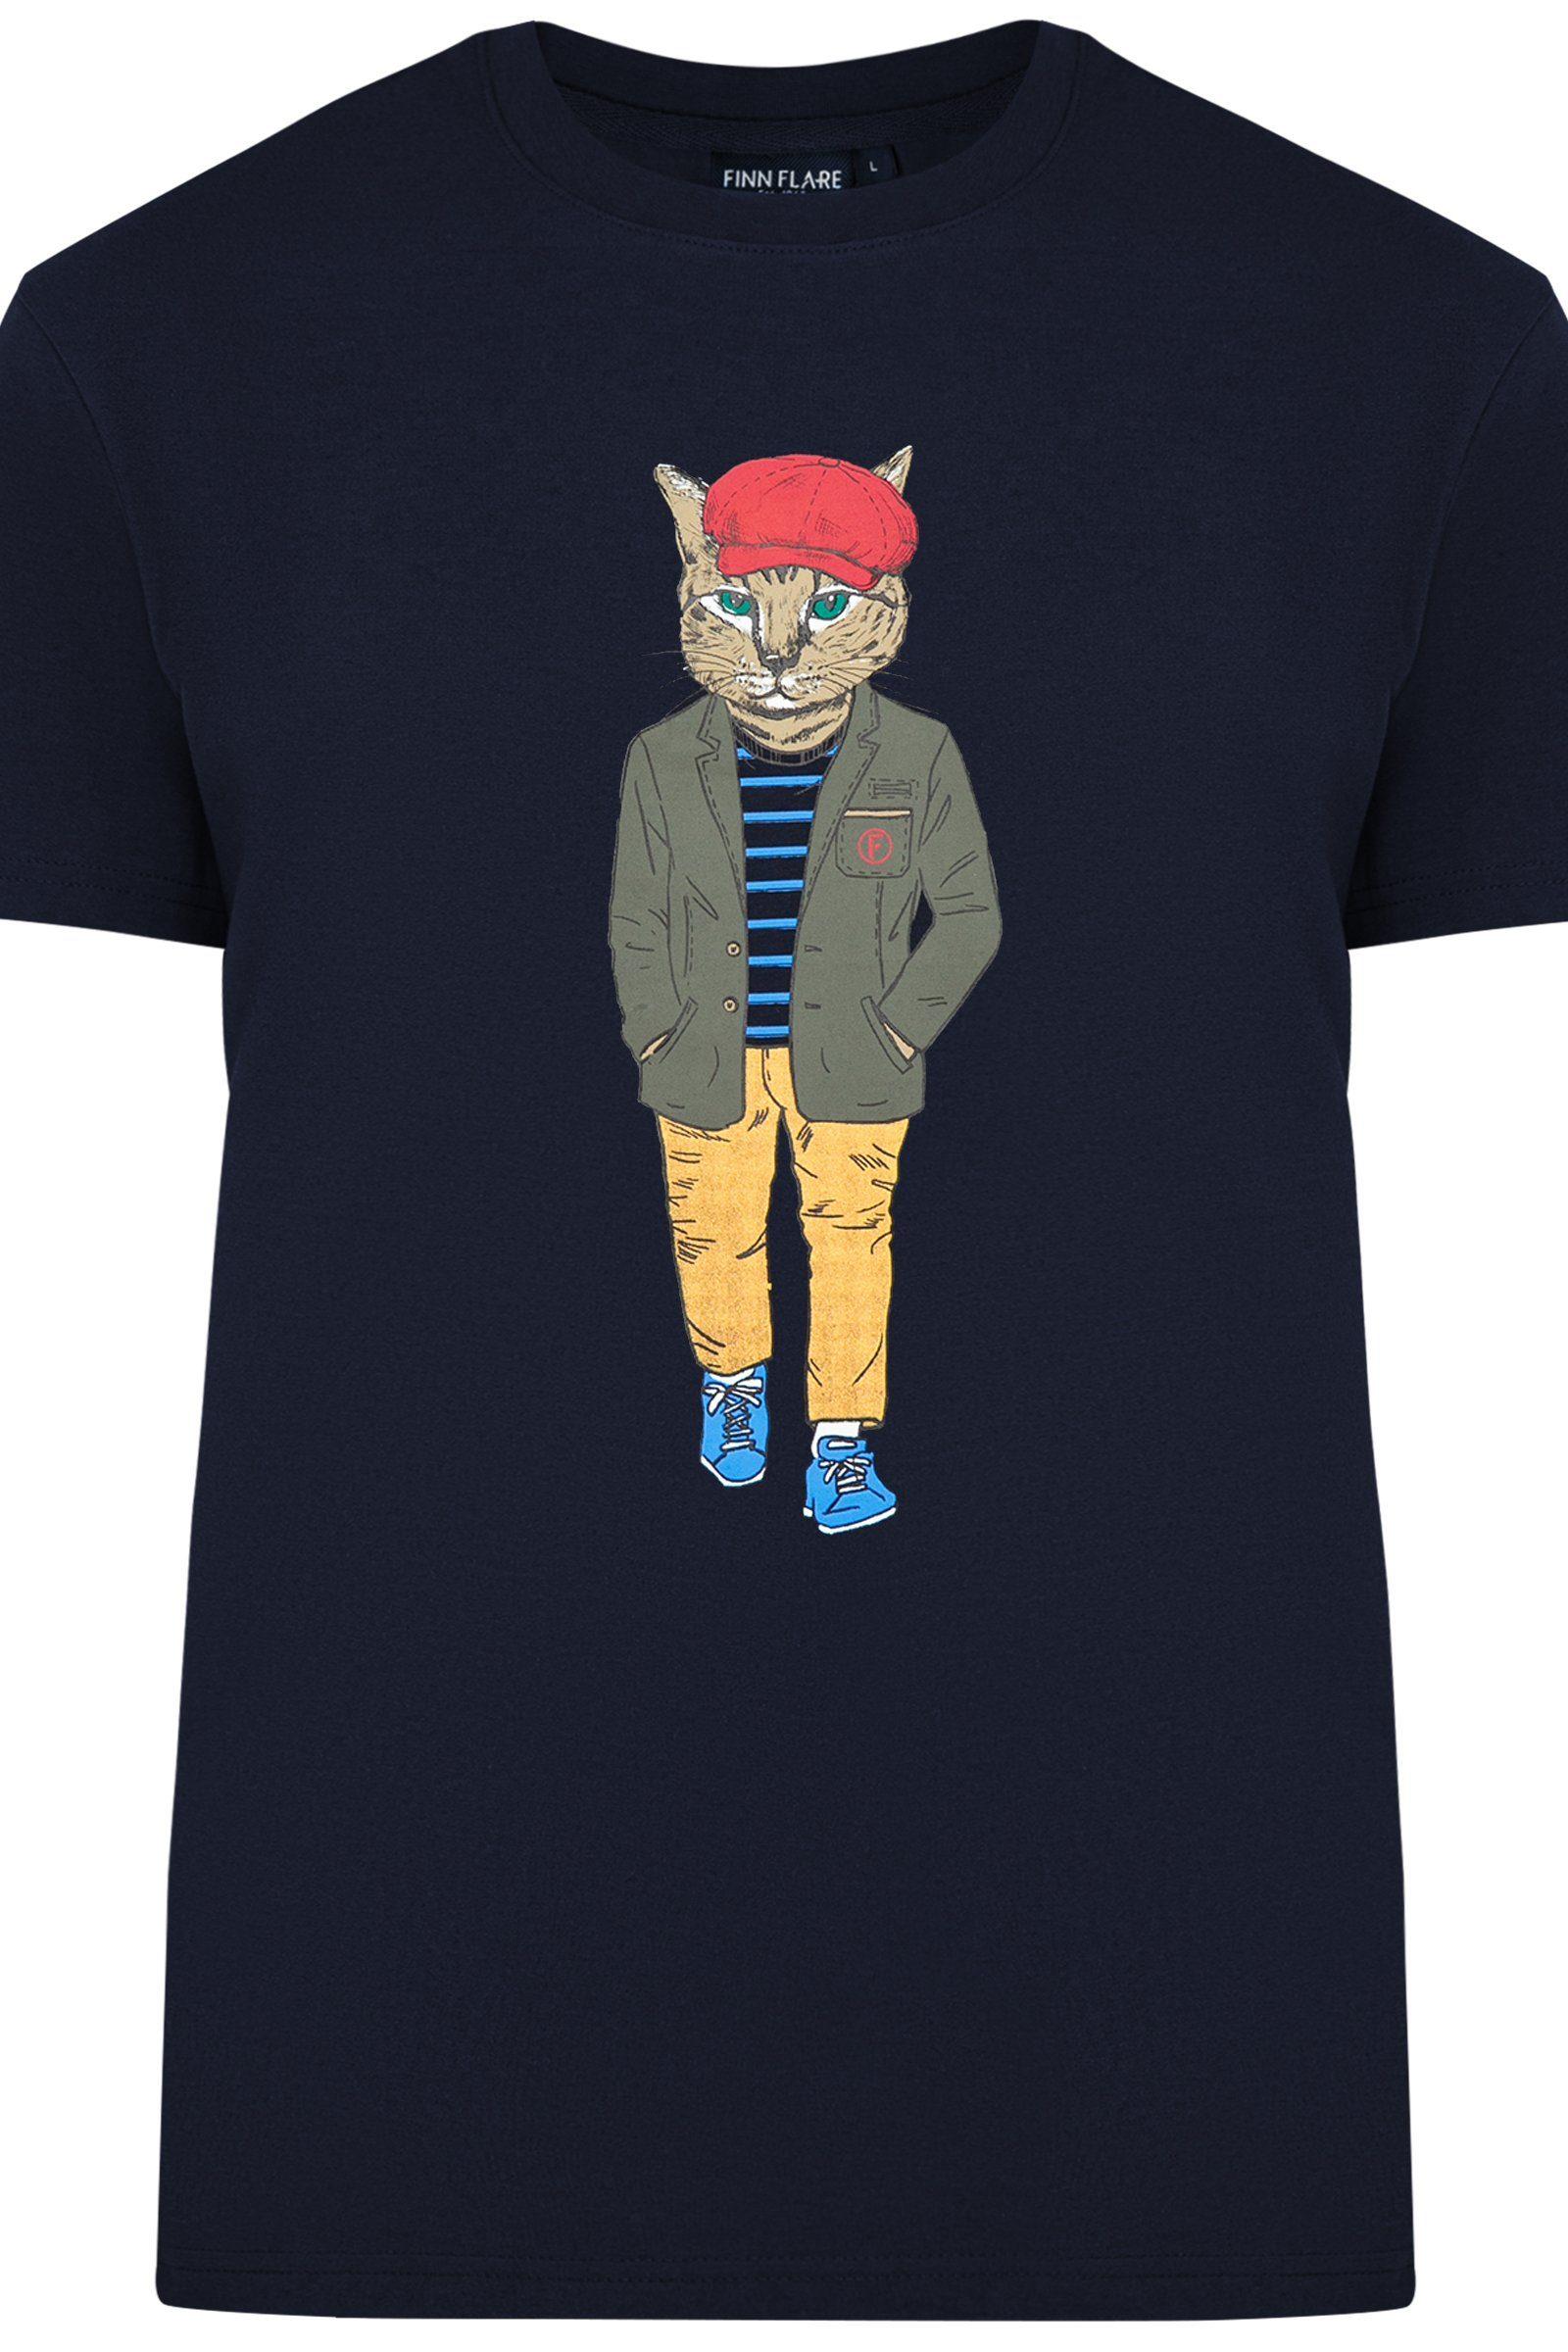 Finn Flare T-Shirt mit auffälligem Front-Print